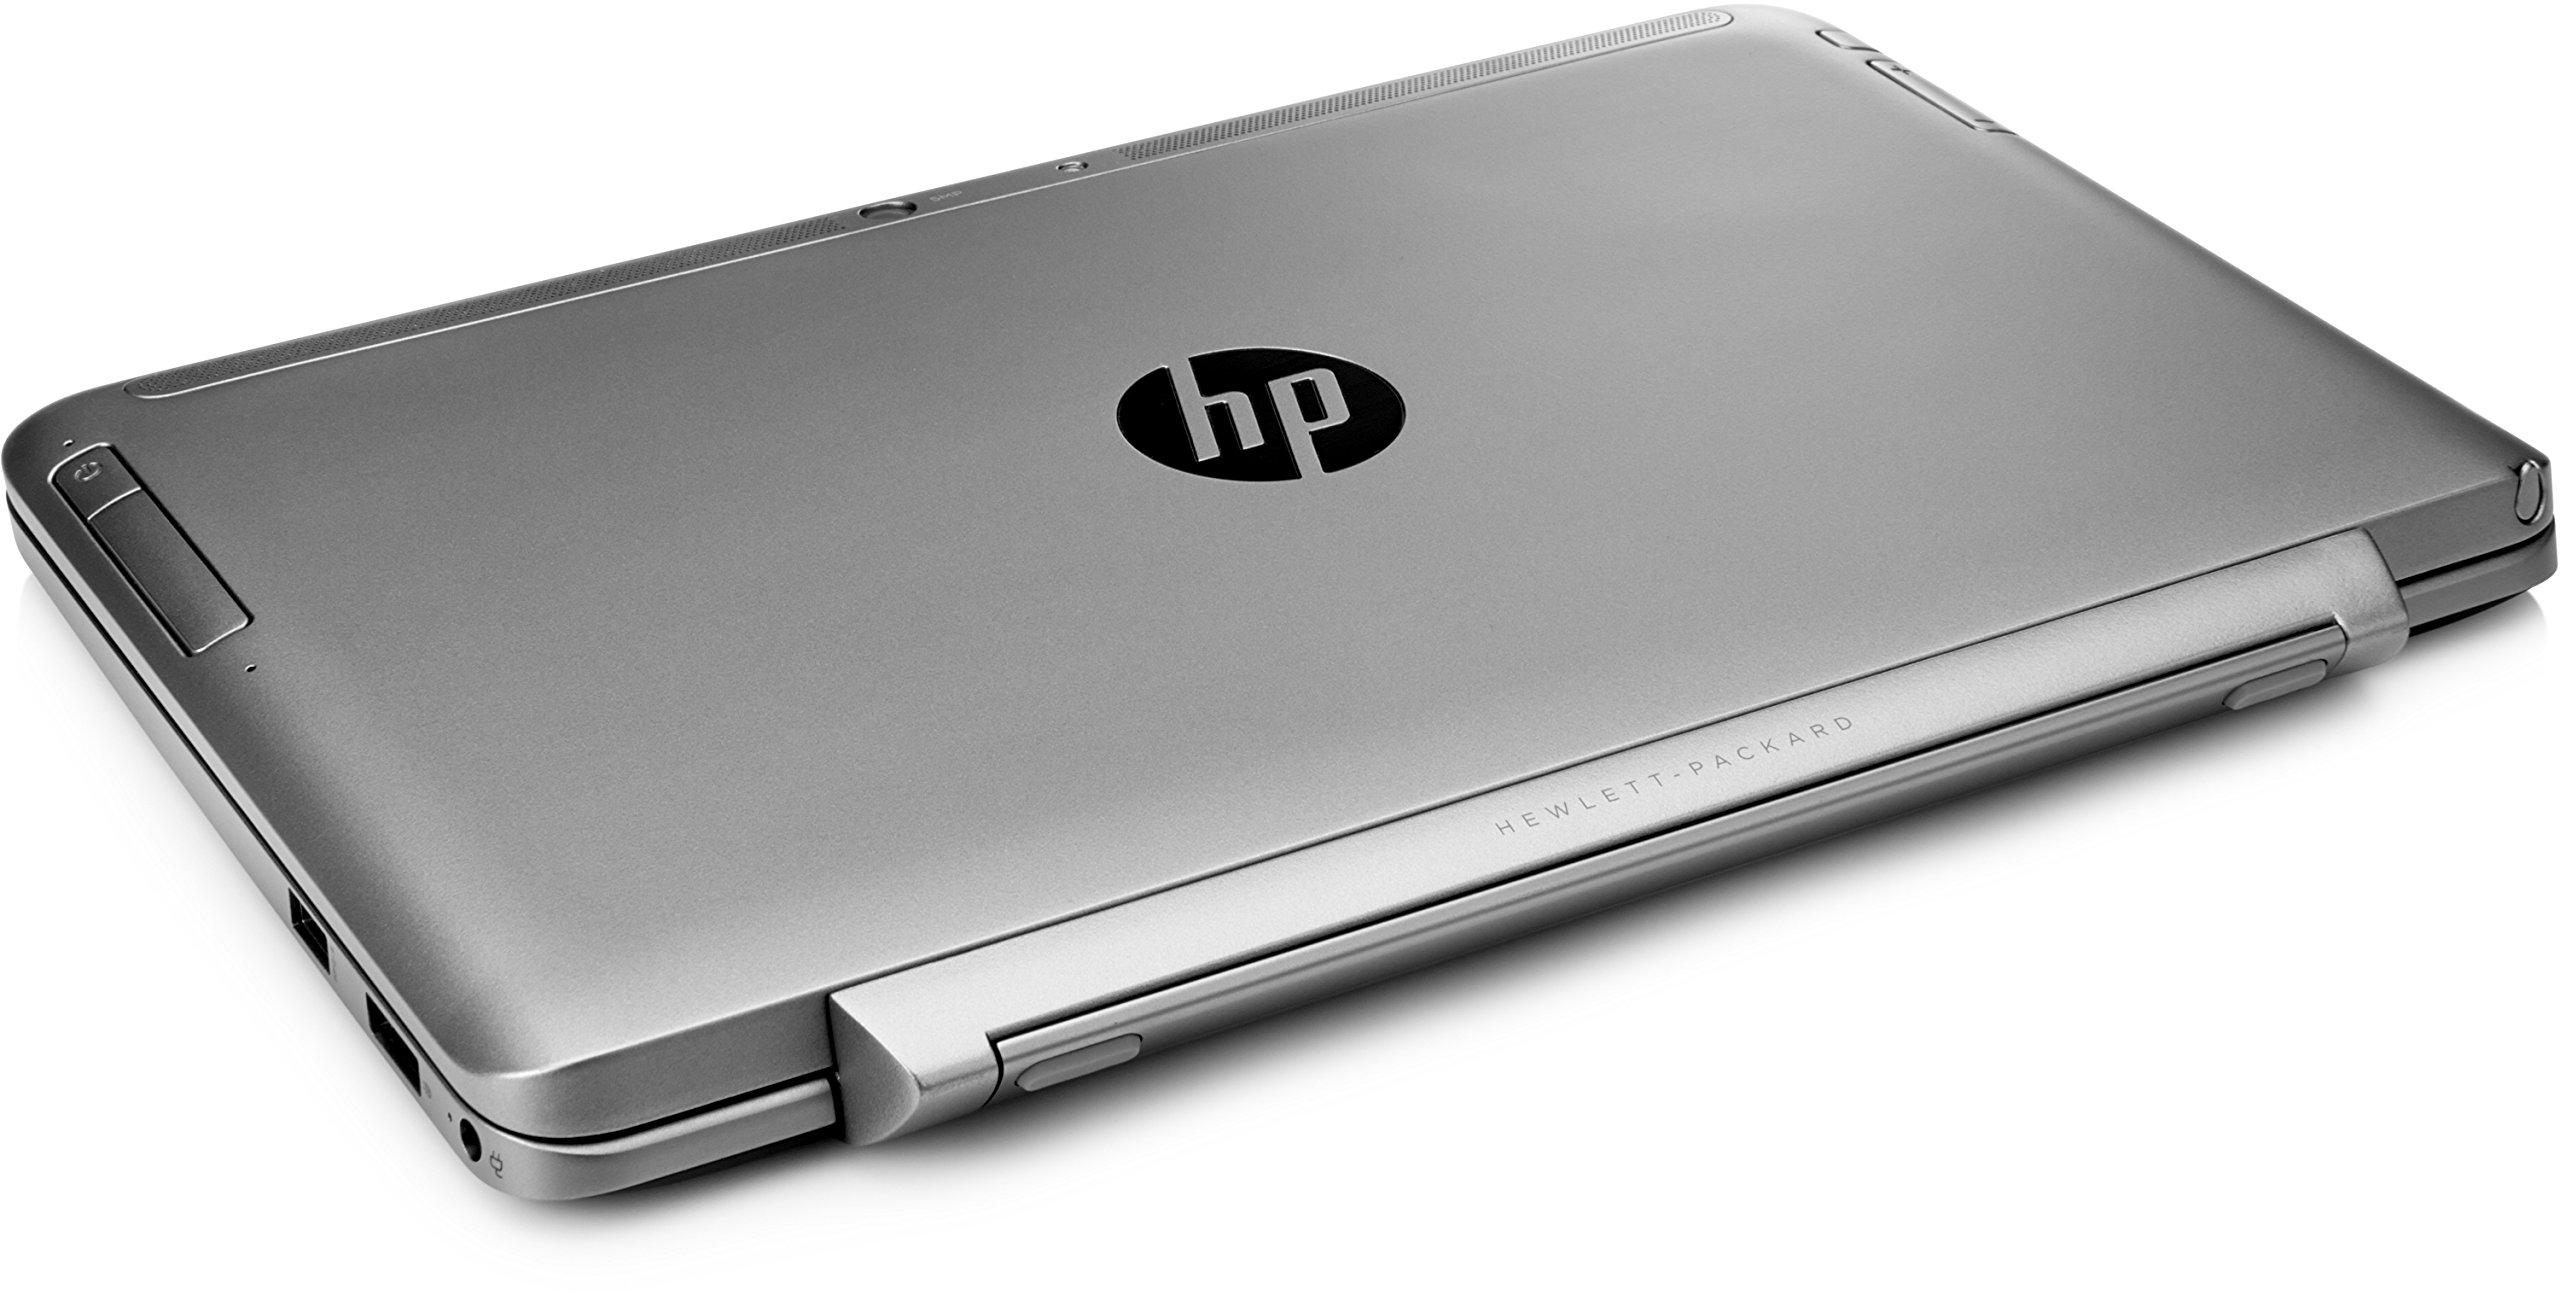 HP Elite x2 1011 G1 - Ordenador portátil Híbrido 2-en-1 , Plata, Convertible extraíble , Negocios, M-5Y10c, Intel Core M: Amazon.es: Libros